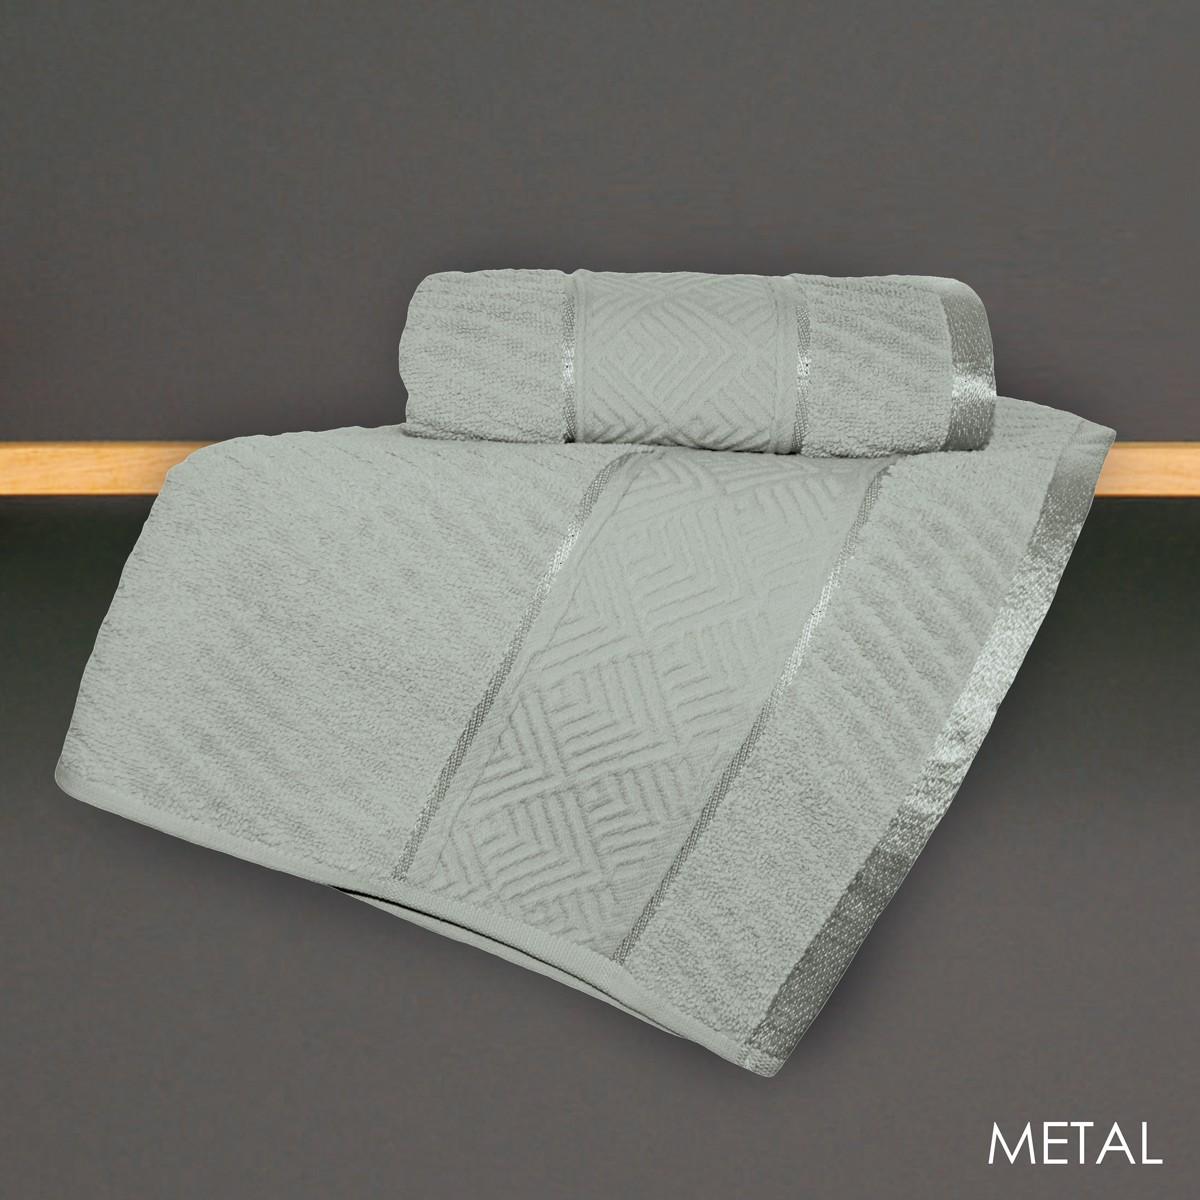 Πετσέτα Προσώπου (50x90) V19.69 Mimoza Metal